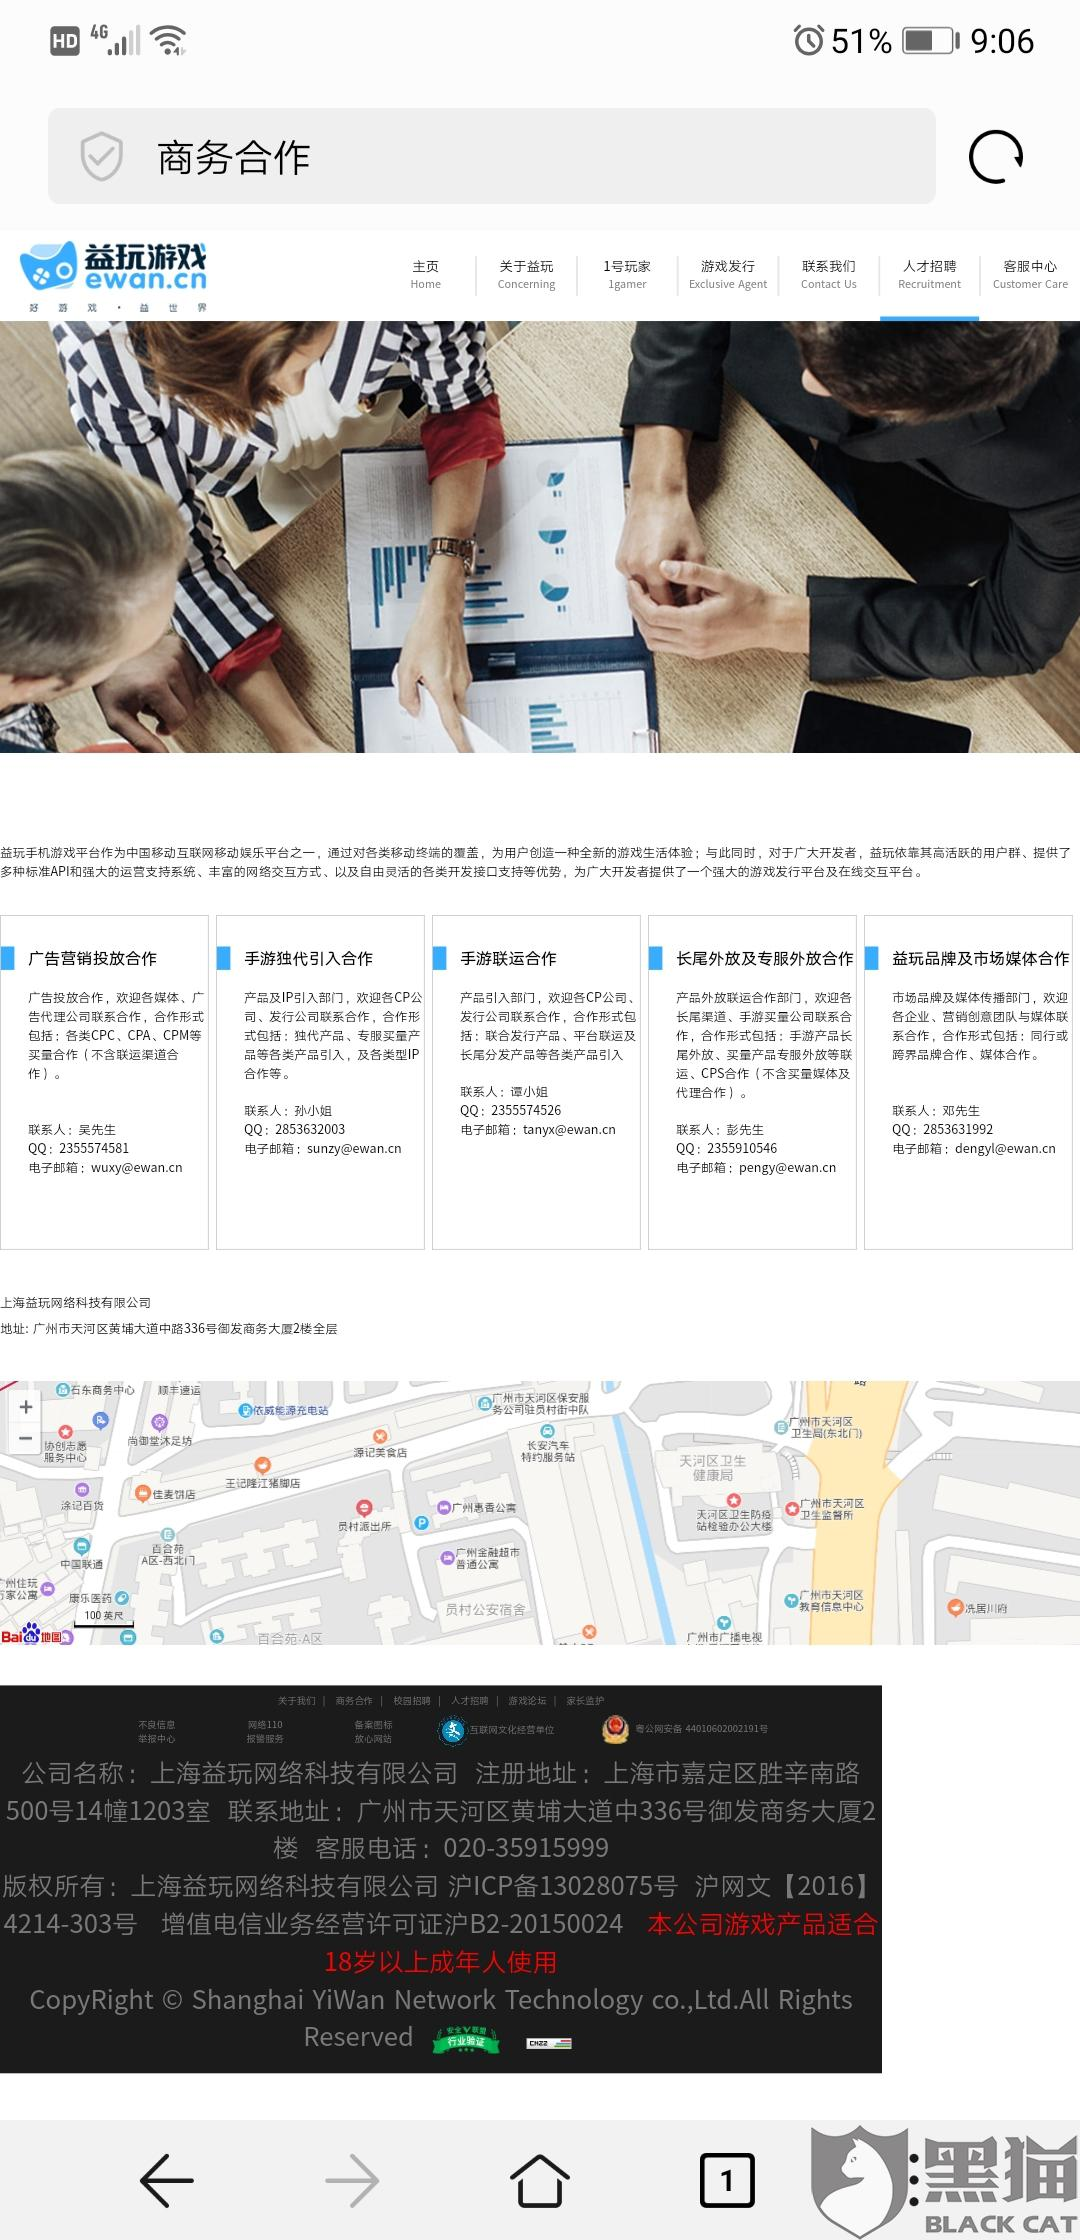 黑猫投诉:上海益玩网络科技有限公司允许未成年人注册充值游戏